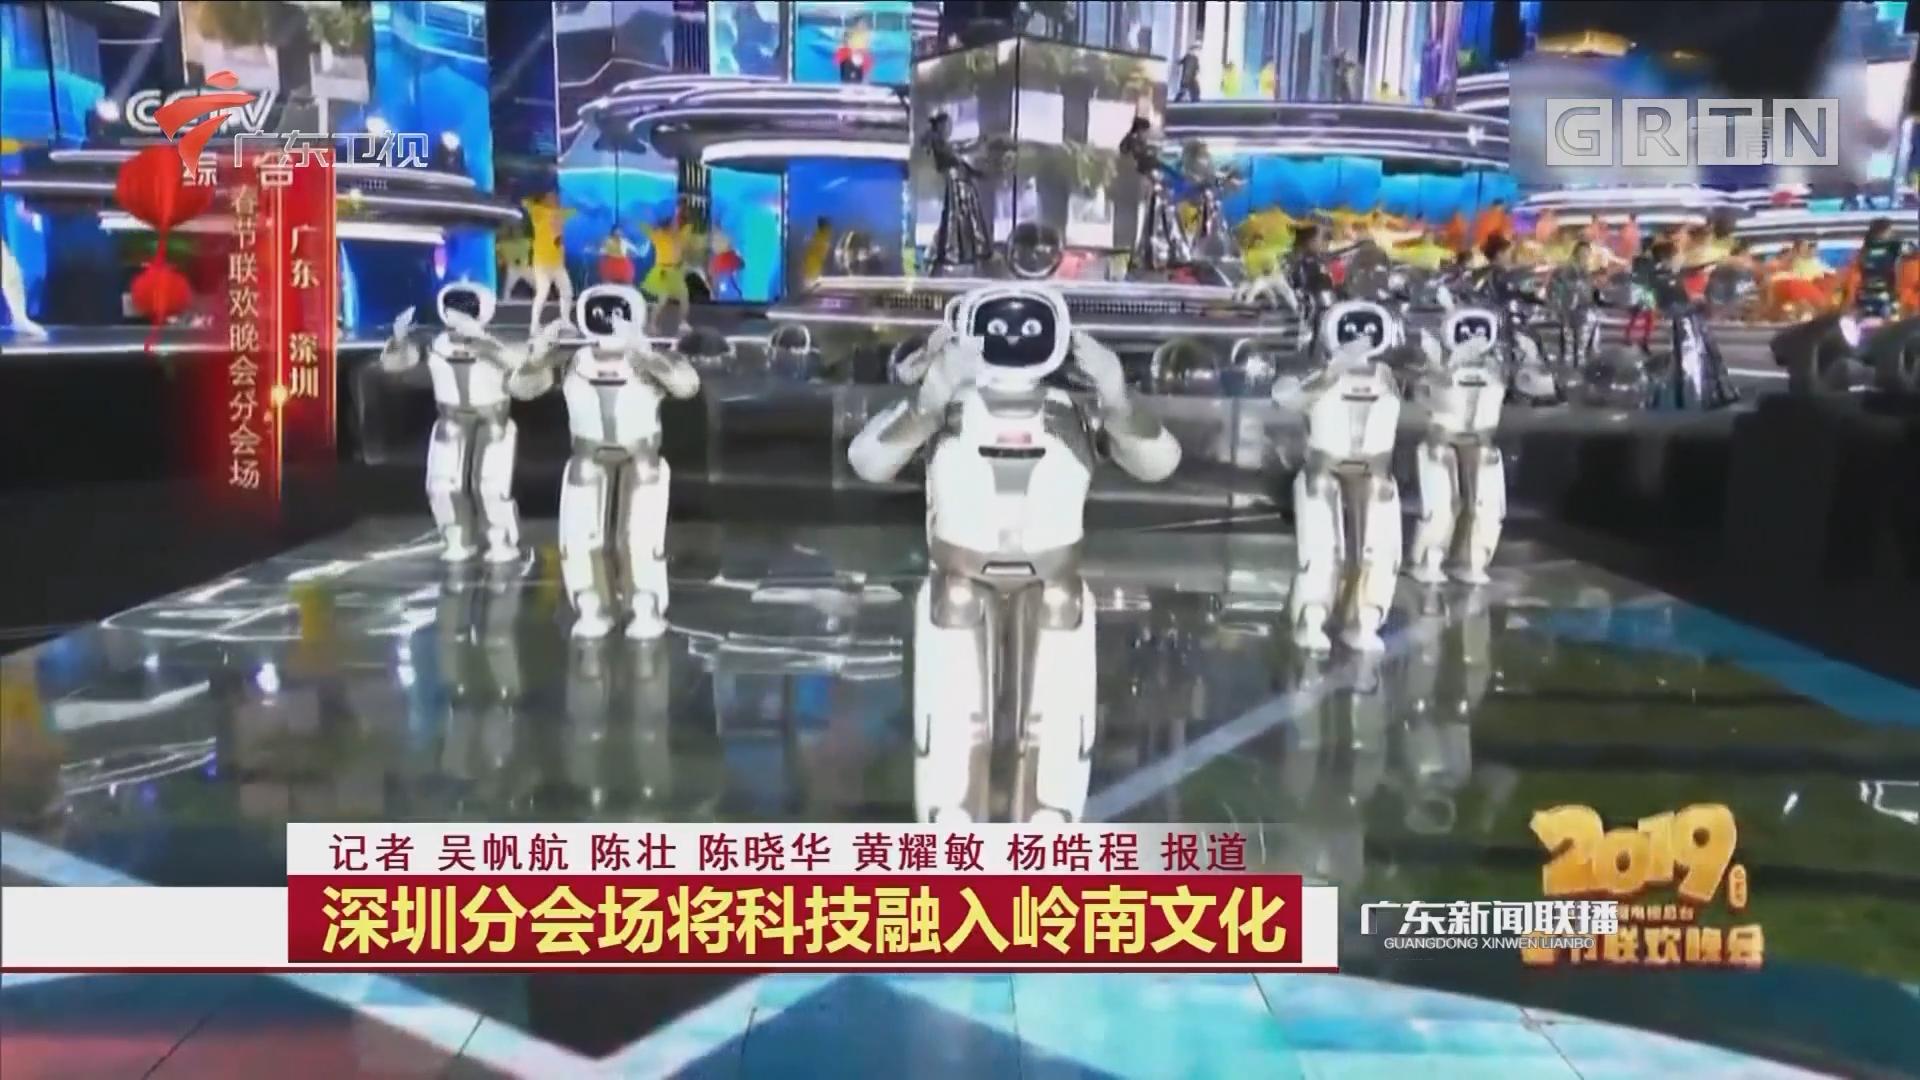 深圳分会场将科技融入岭南文化